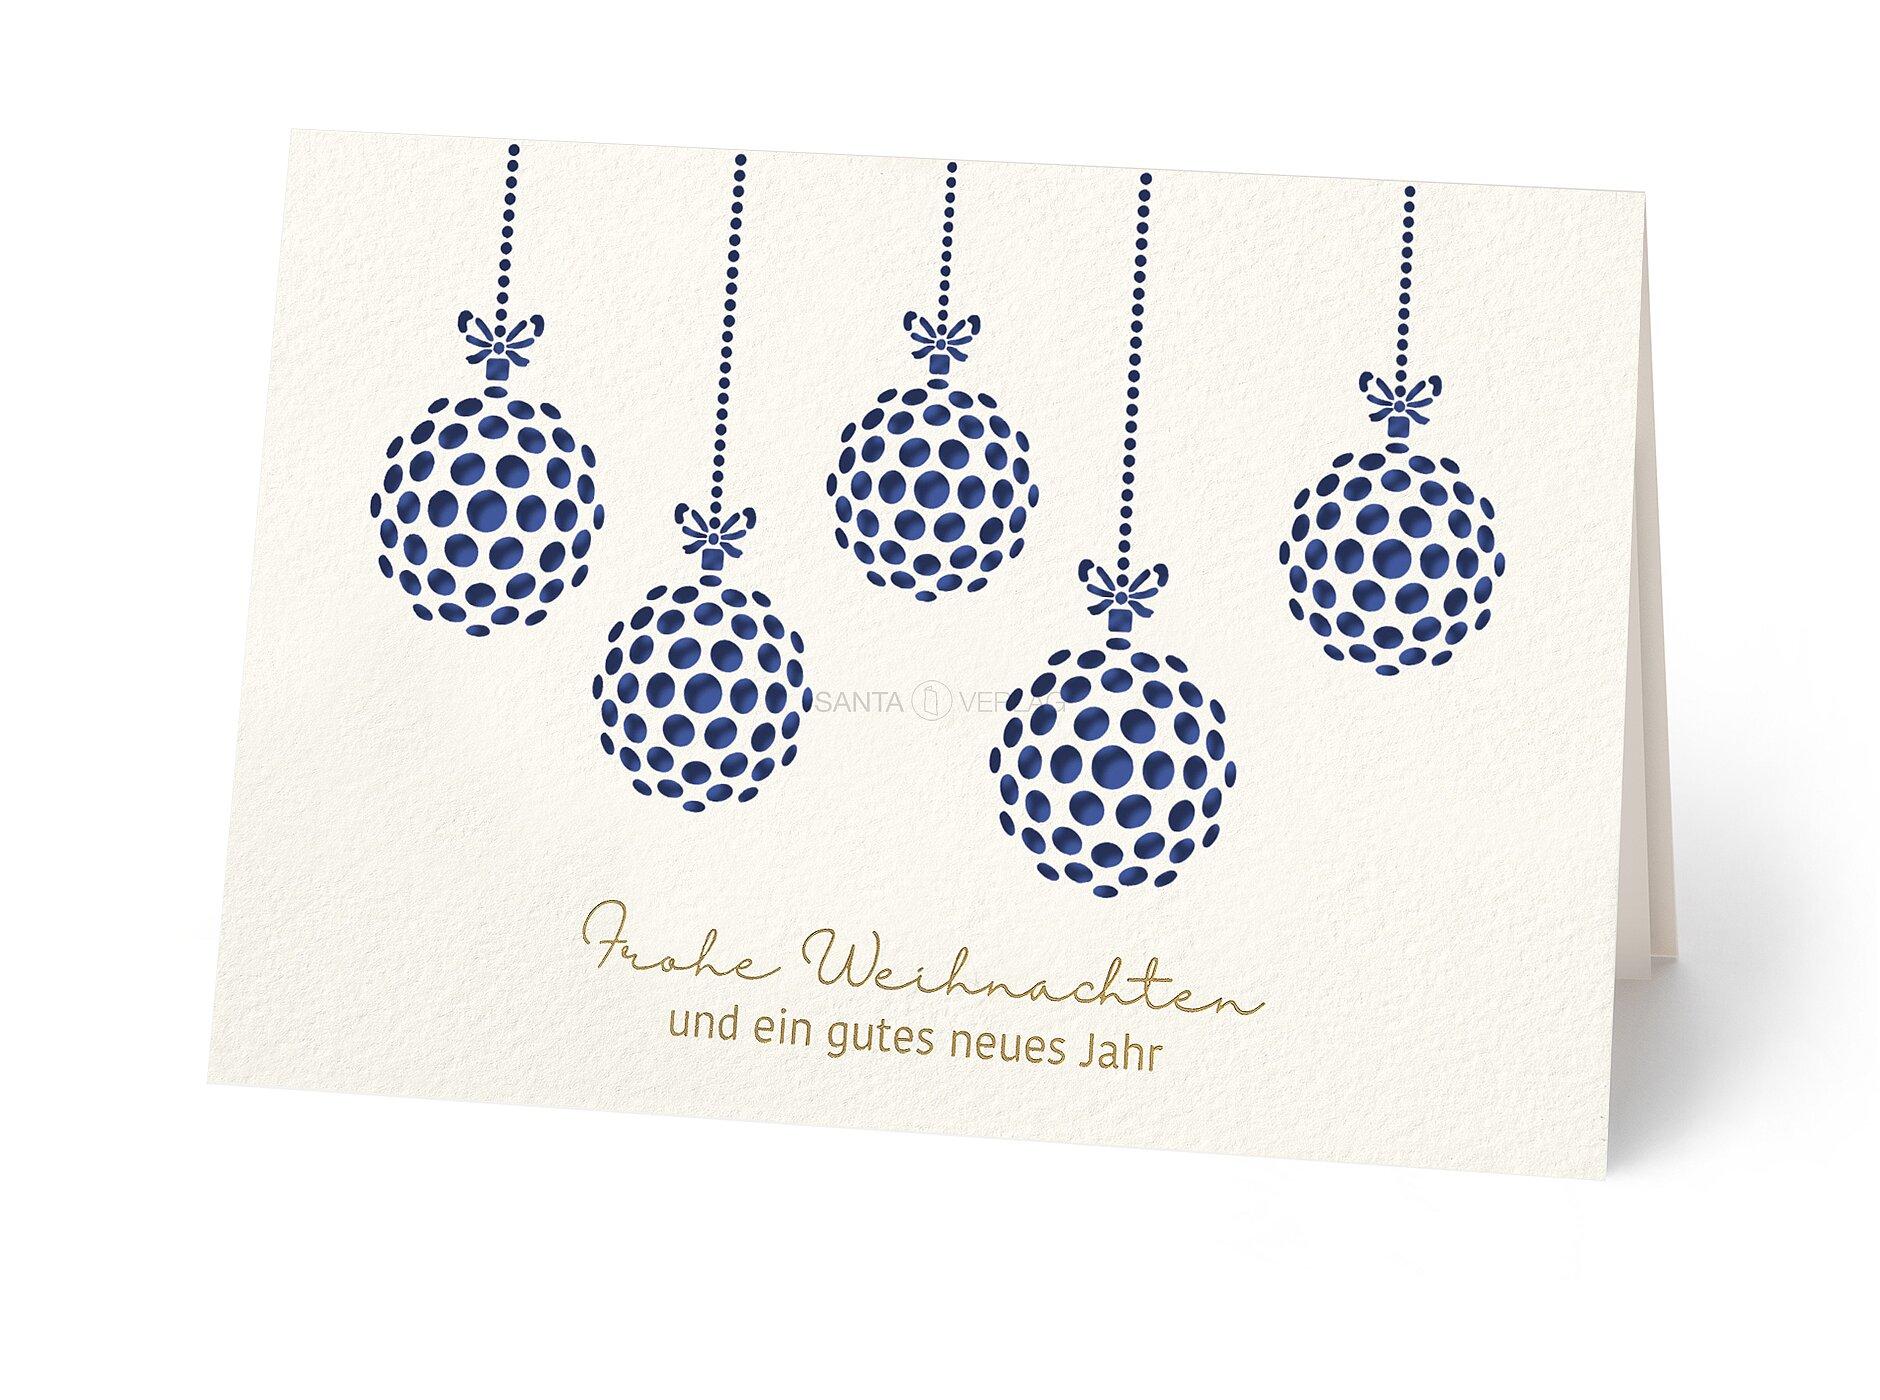 Weihnachtskarten inkl kuvert weihnachtskarten - Weihnachtskarten shop ...